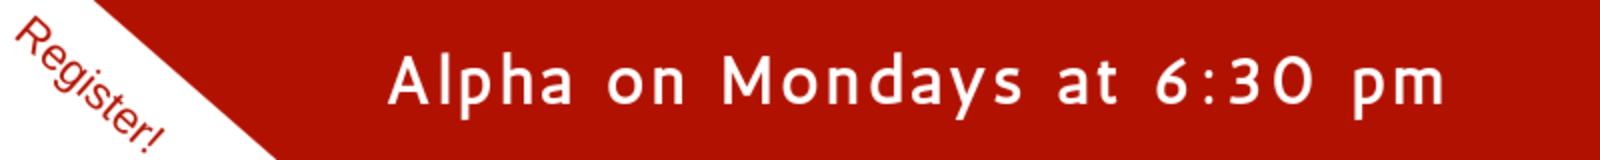 Alpha on Mondays